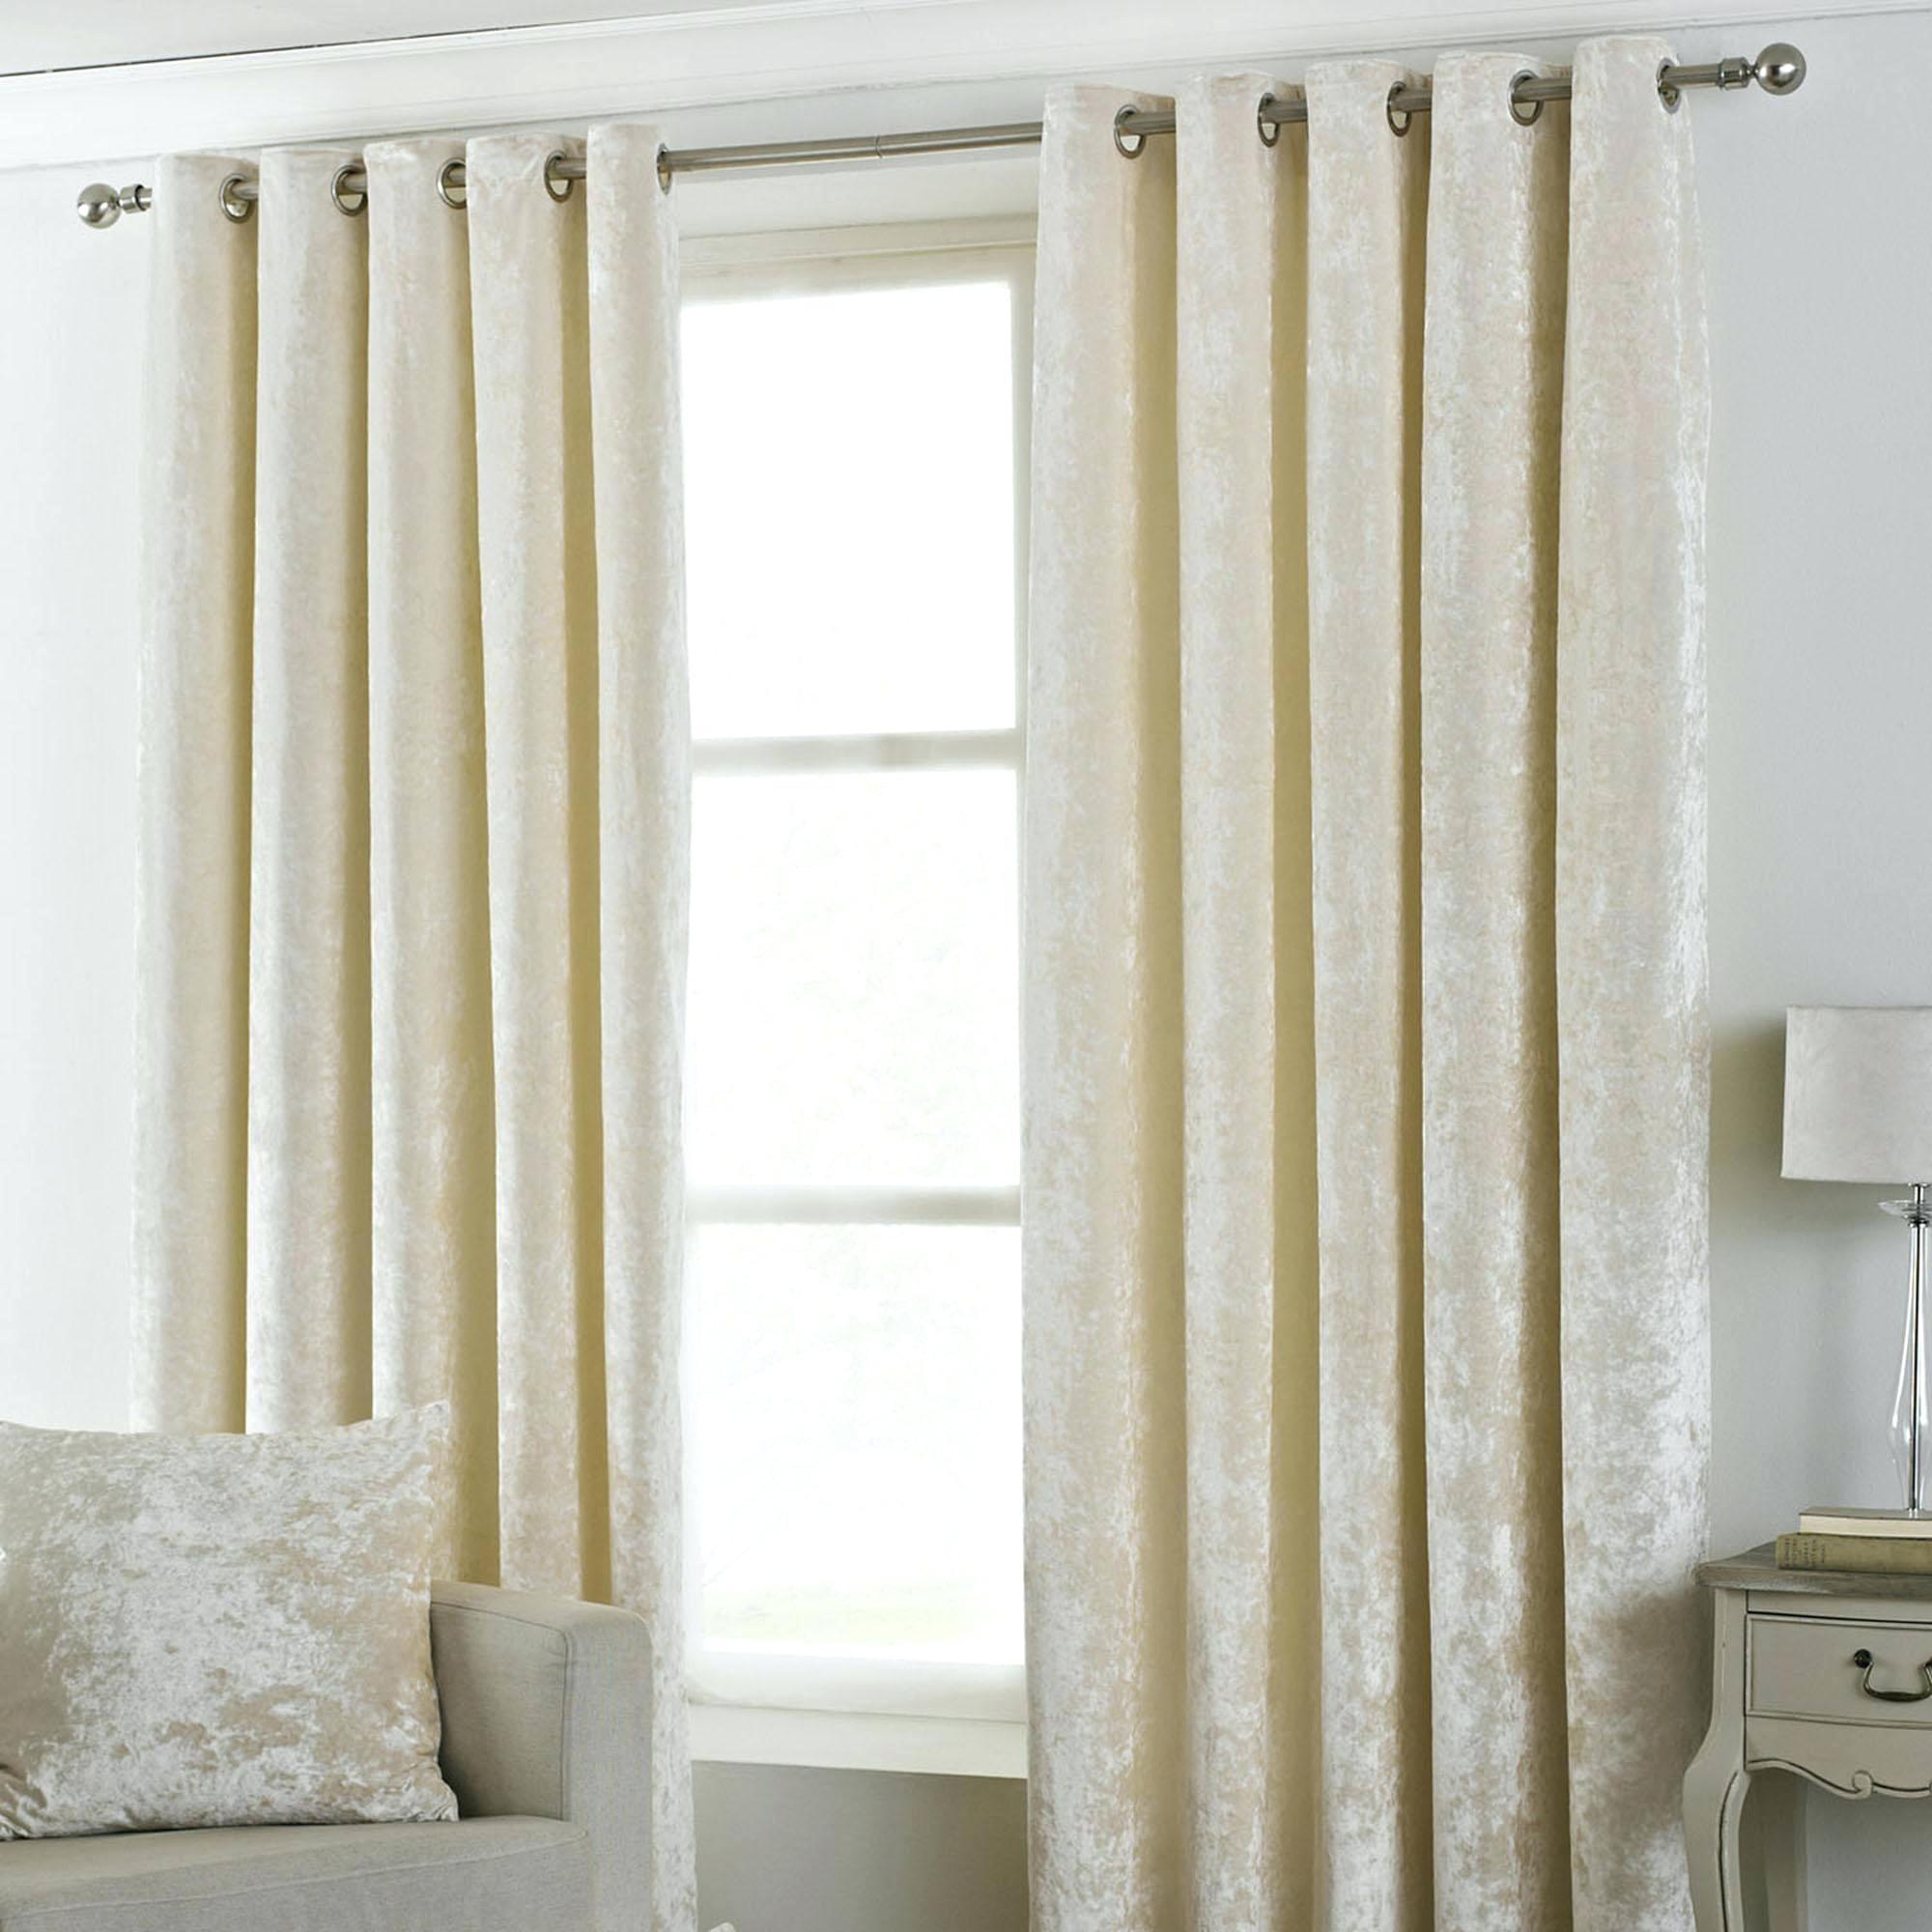 Main Ivory Velvet Curtains Eyelet Decorating – Dapdap Within Signature Ivory Velvet Blackout Single Curtain Panels (View 22 of 34)